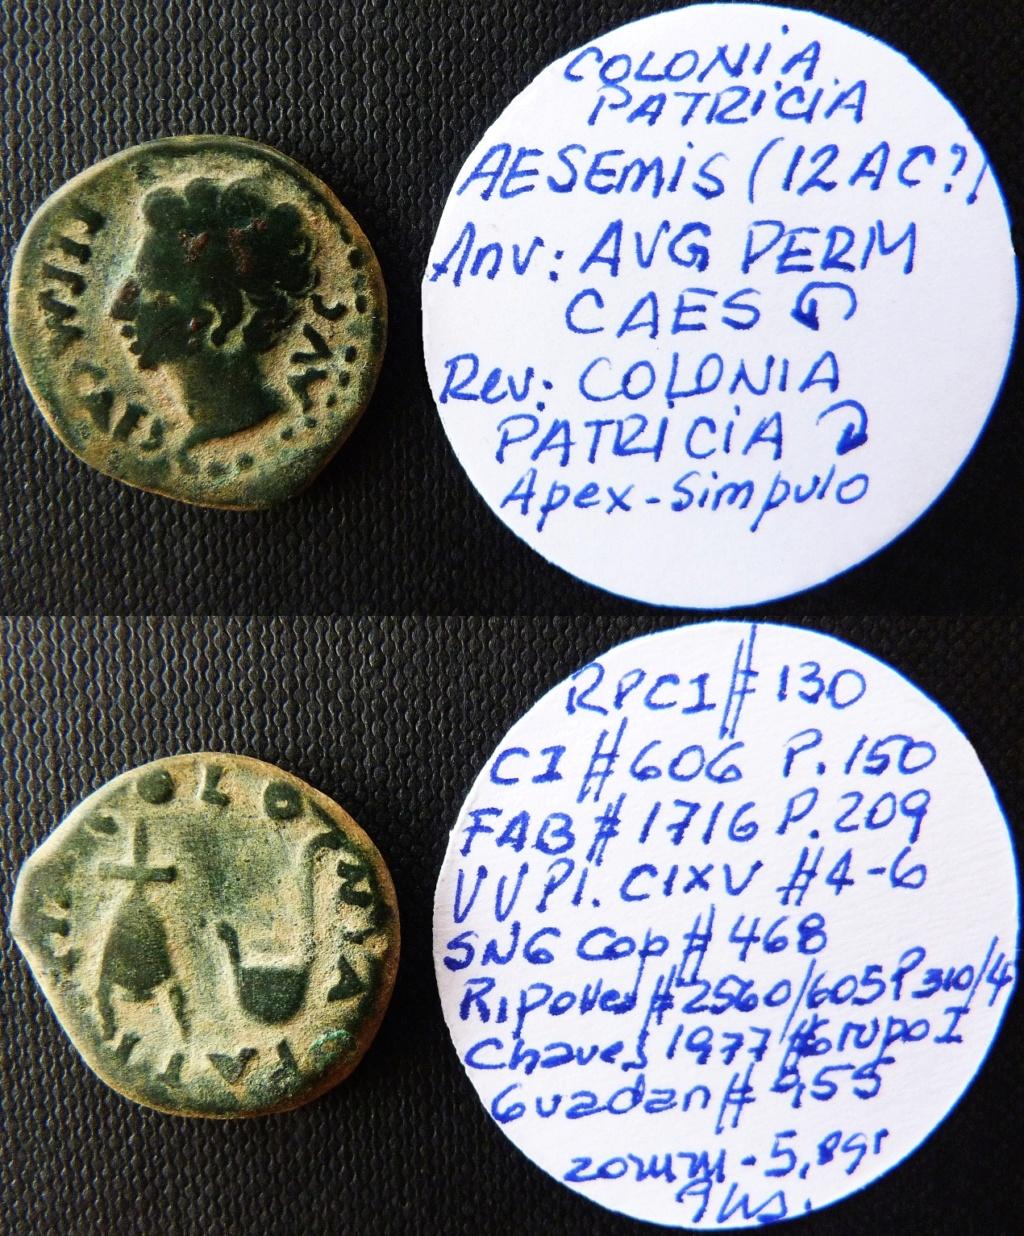 Semis de Colonia Patricia, época de Augusto. COLONIA PATRICIA. Gorro flamíneo y símpulo. Rpc_1310